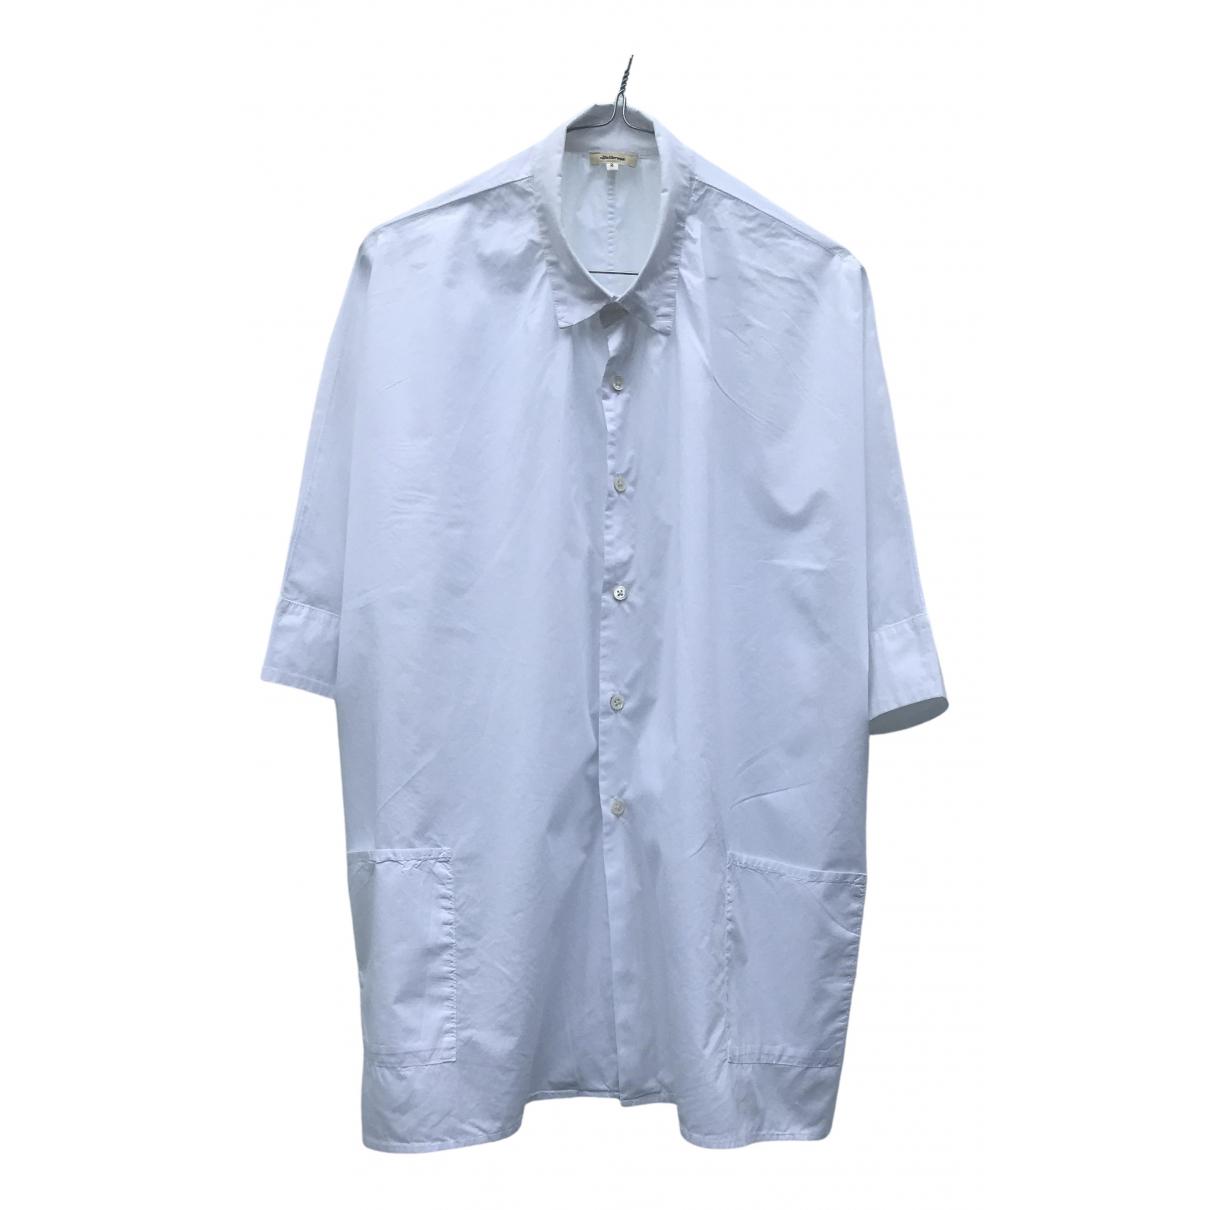 Bellerose - Top   pour femme en coton - blanc